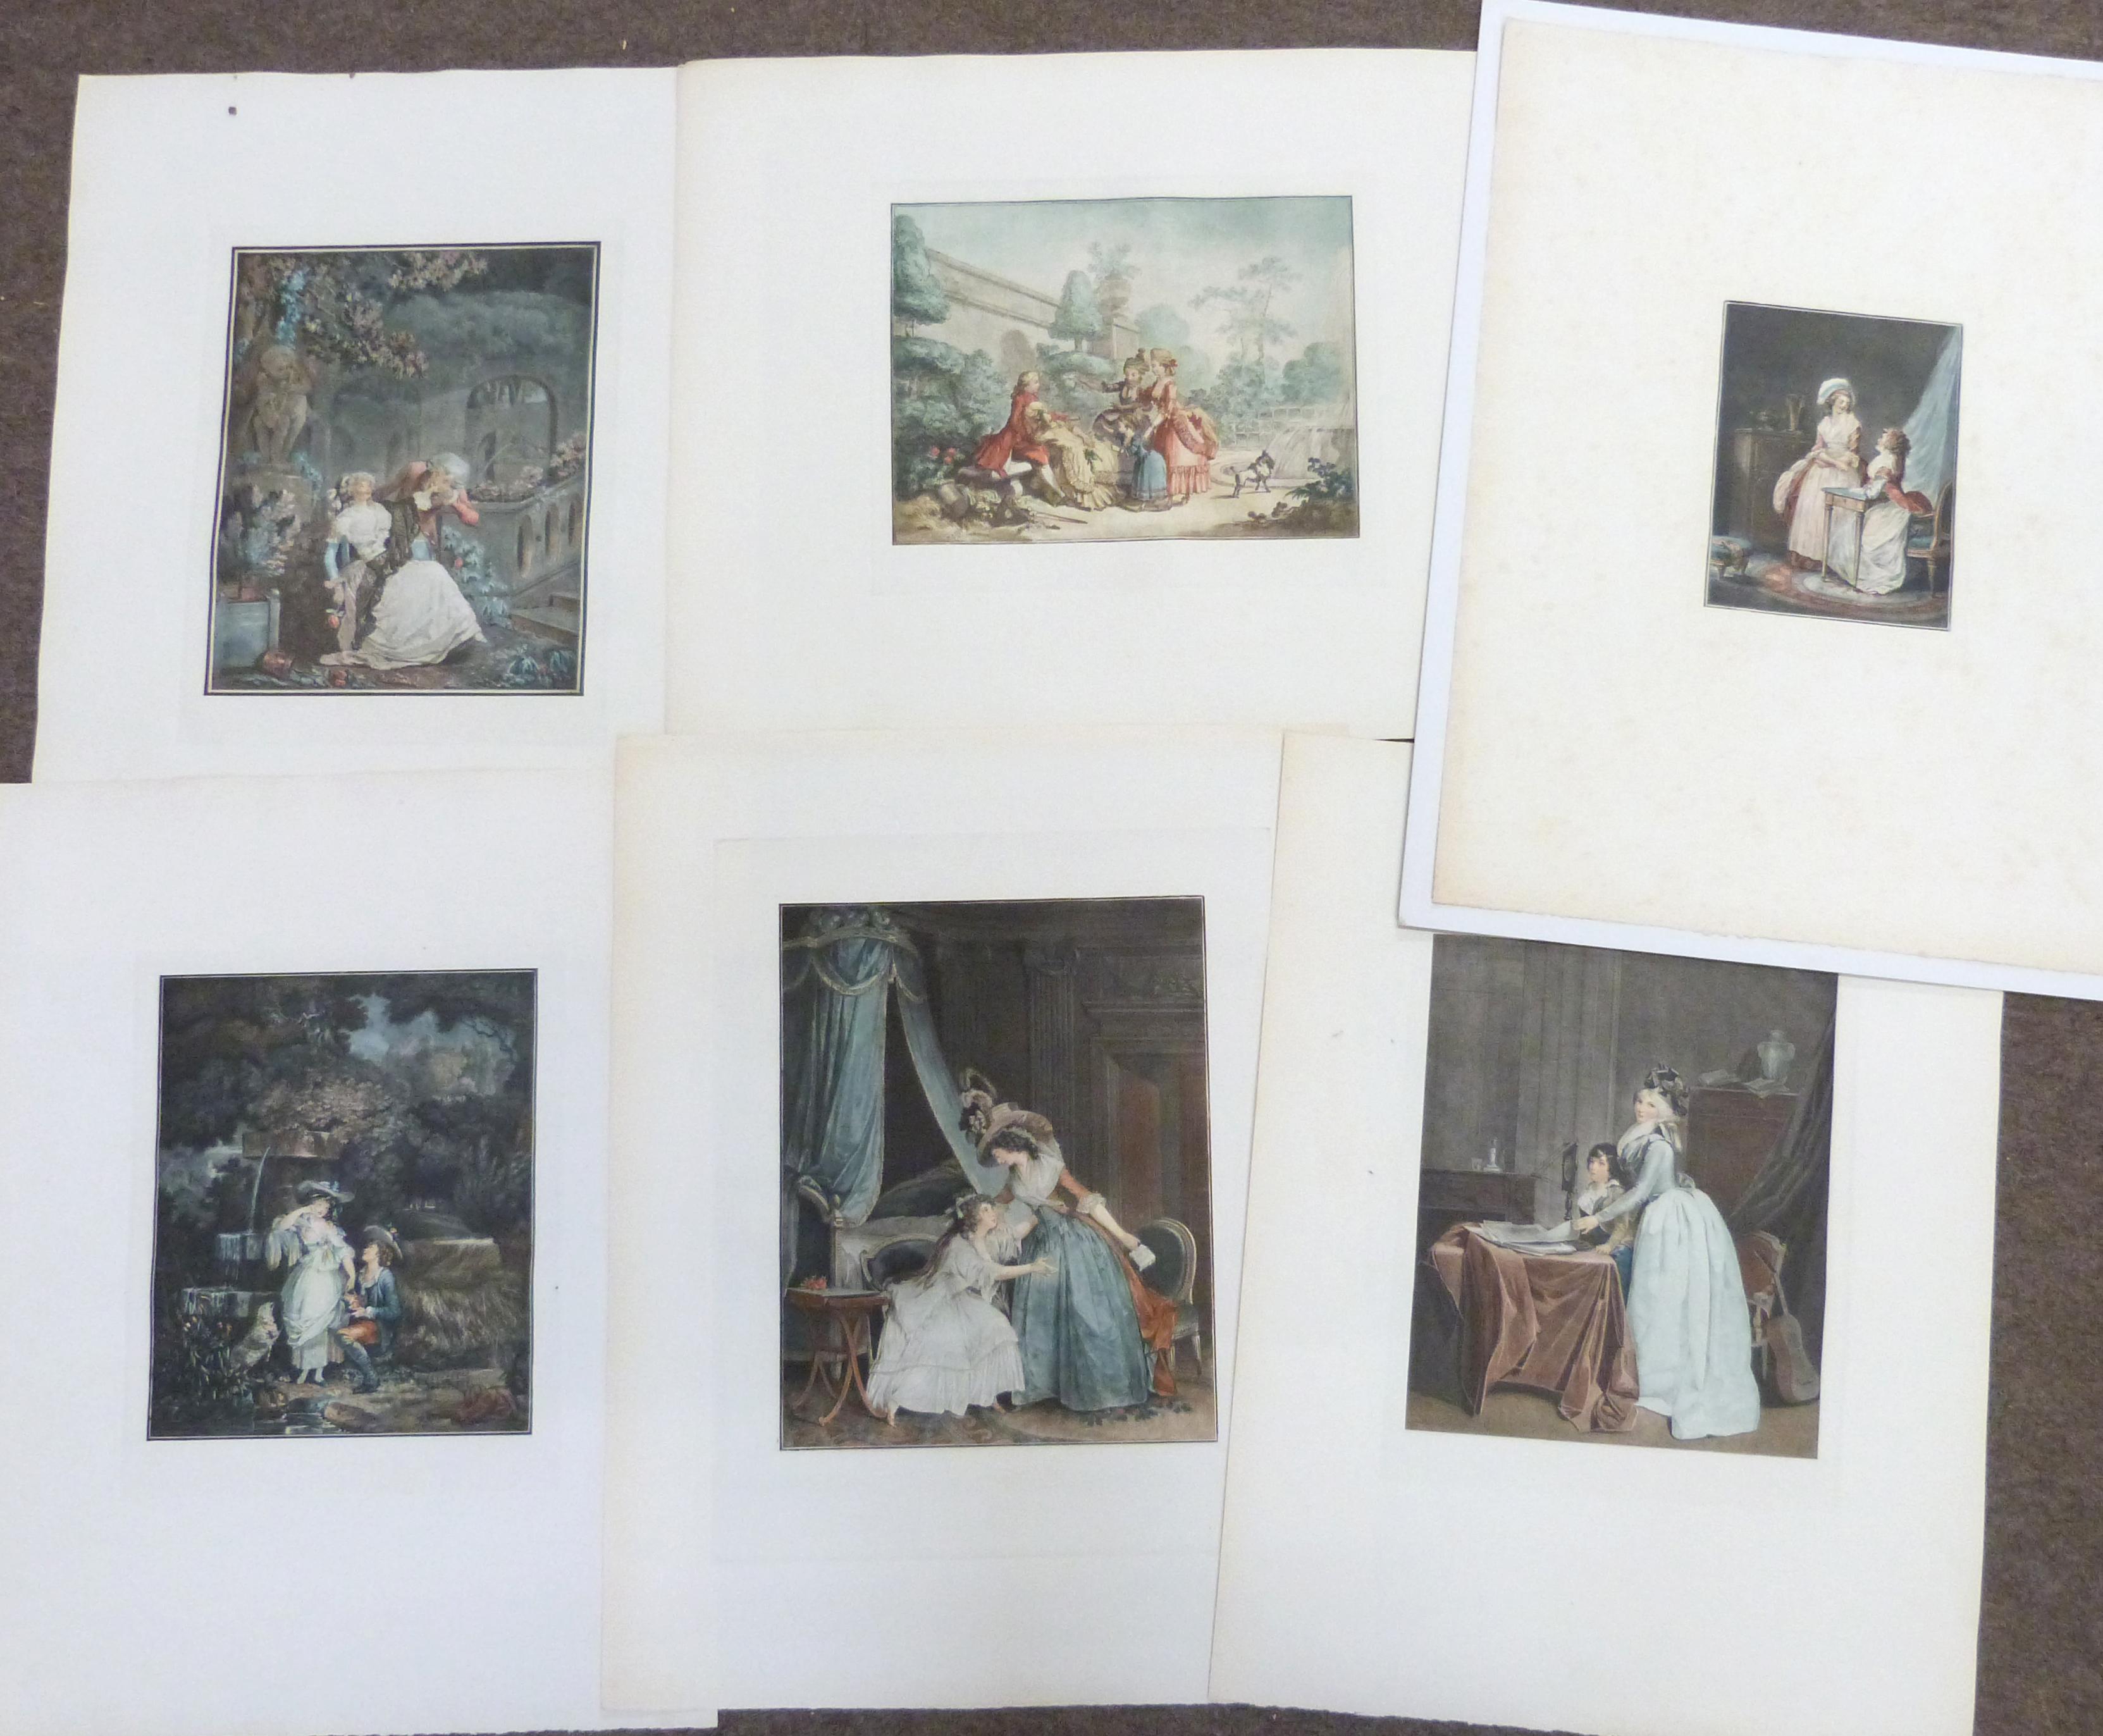 Elegant French engravings, unframed (12) - Image 2 of 2